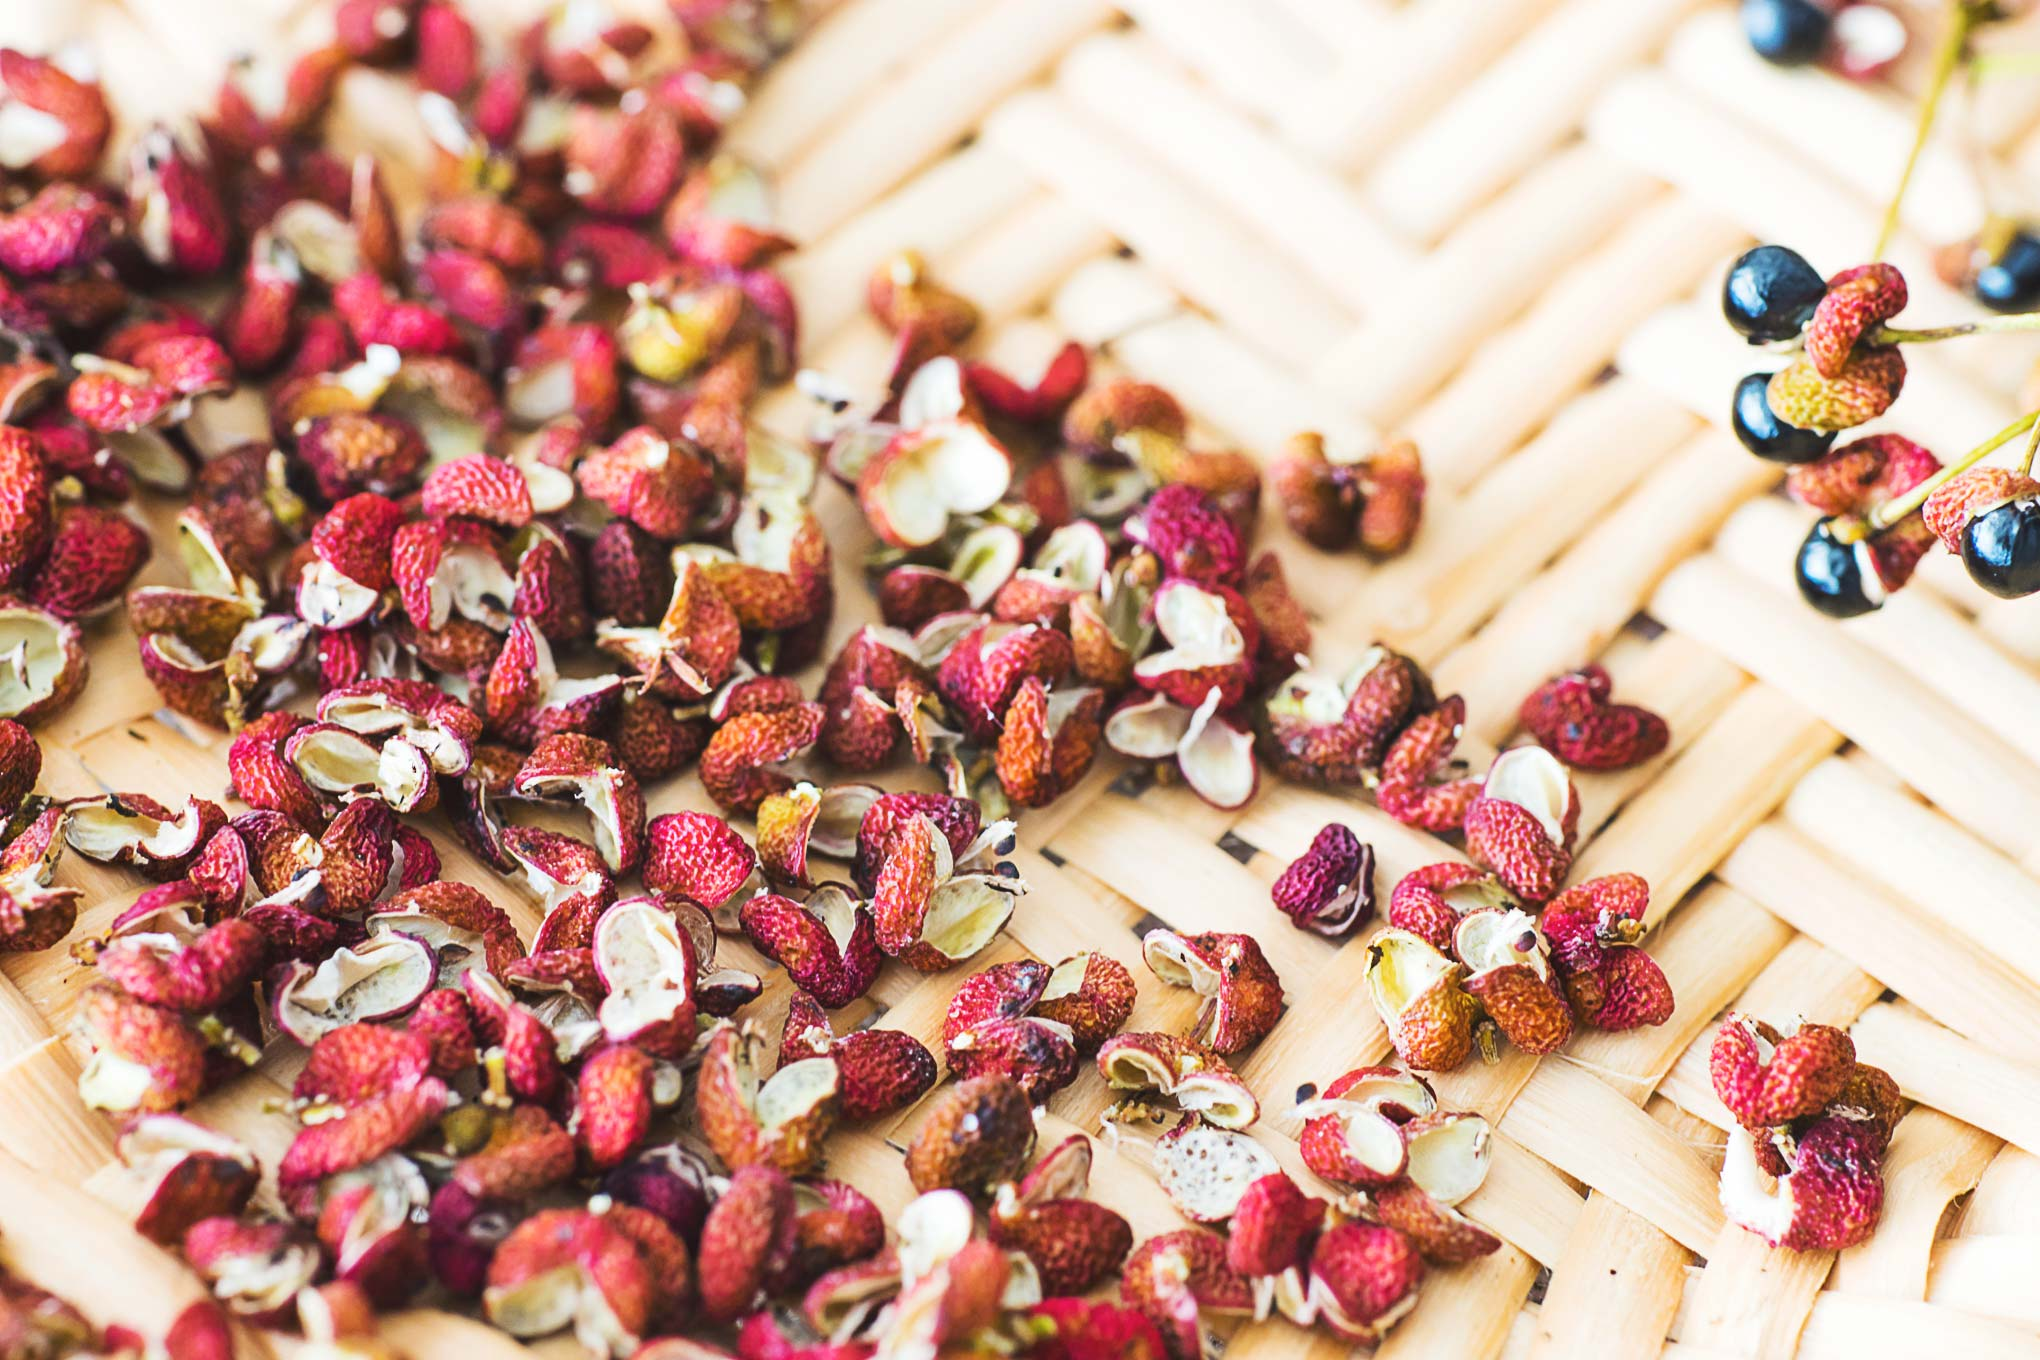 シビれる辛さが好きな人に。完熟の山椒の実が売ってたので花山椒を手作りしました